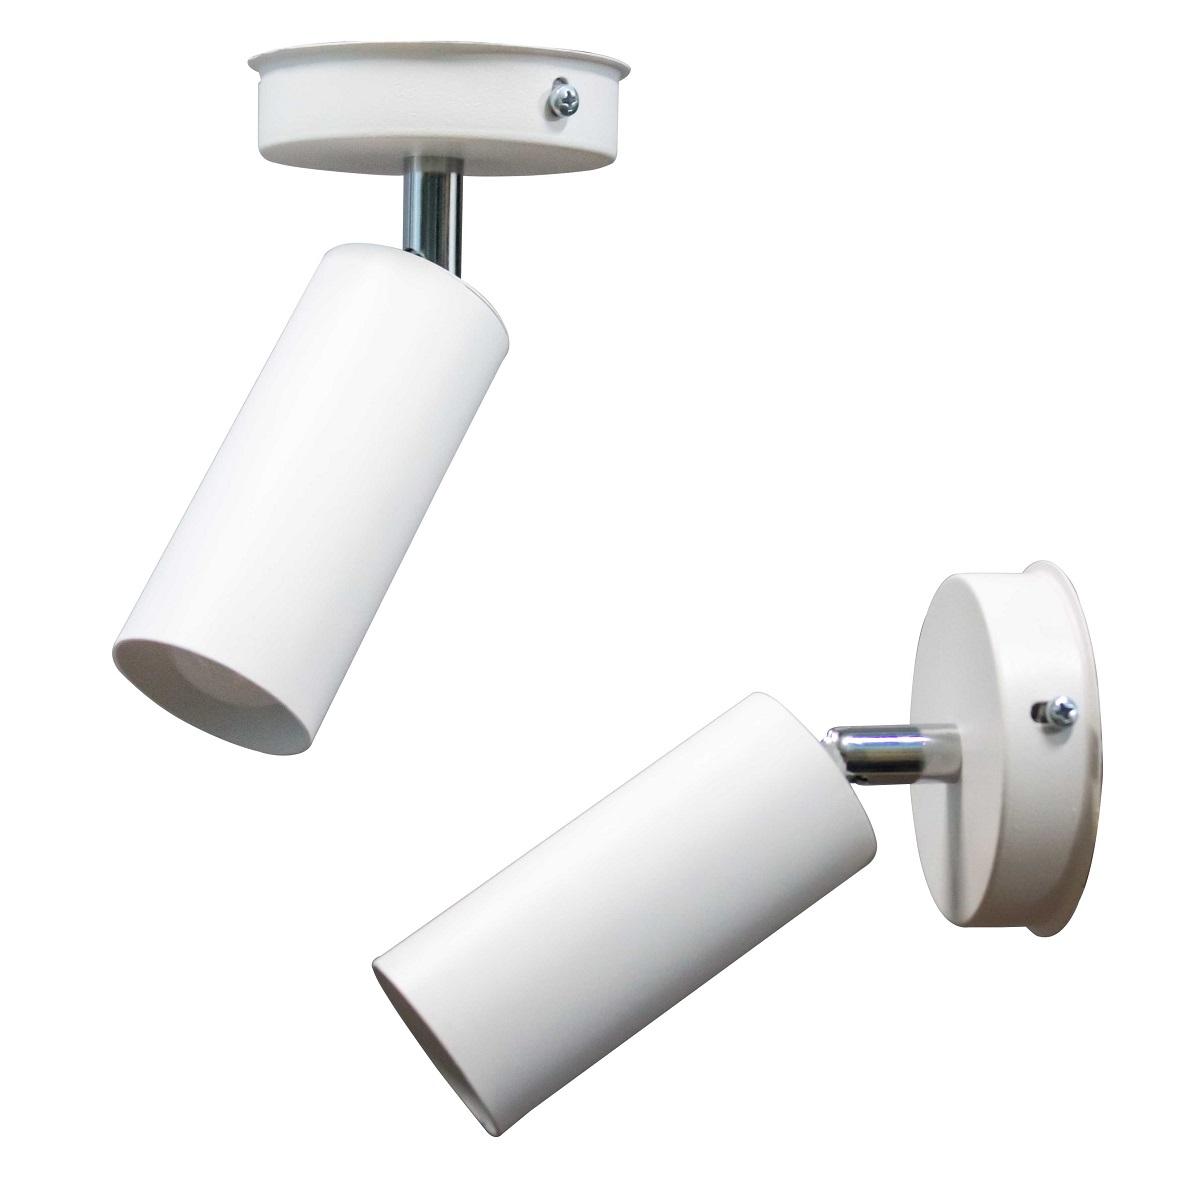 Светильники ЛОФТ - Люстра лофт потолочная с поворотным плафоном 000002762 - Фото 1